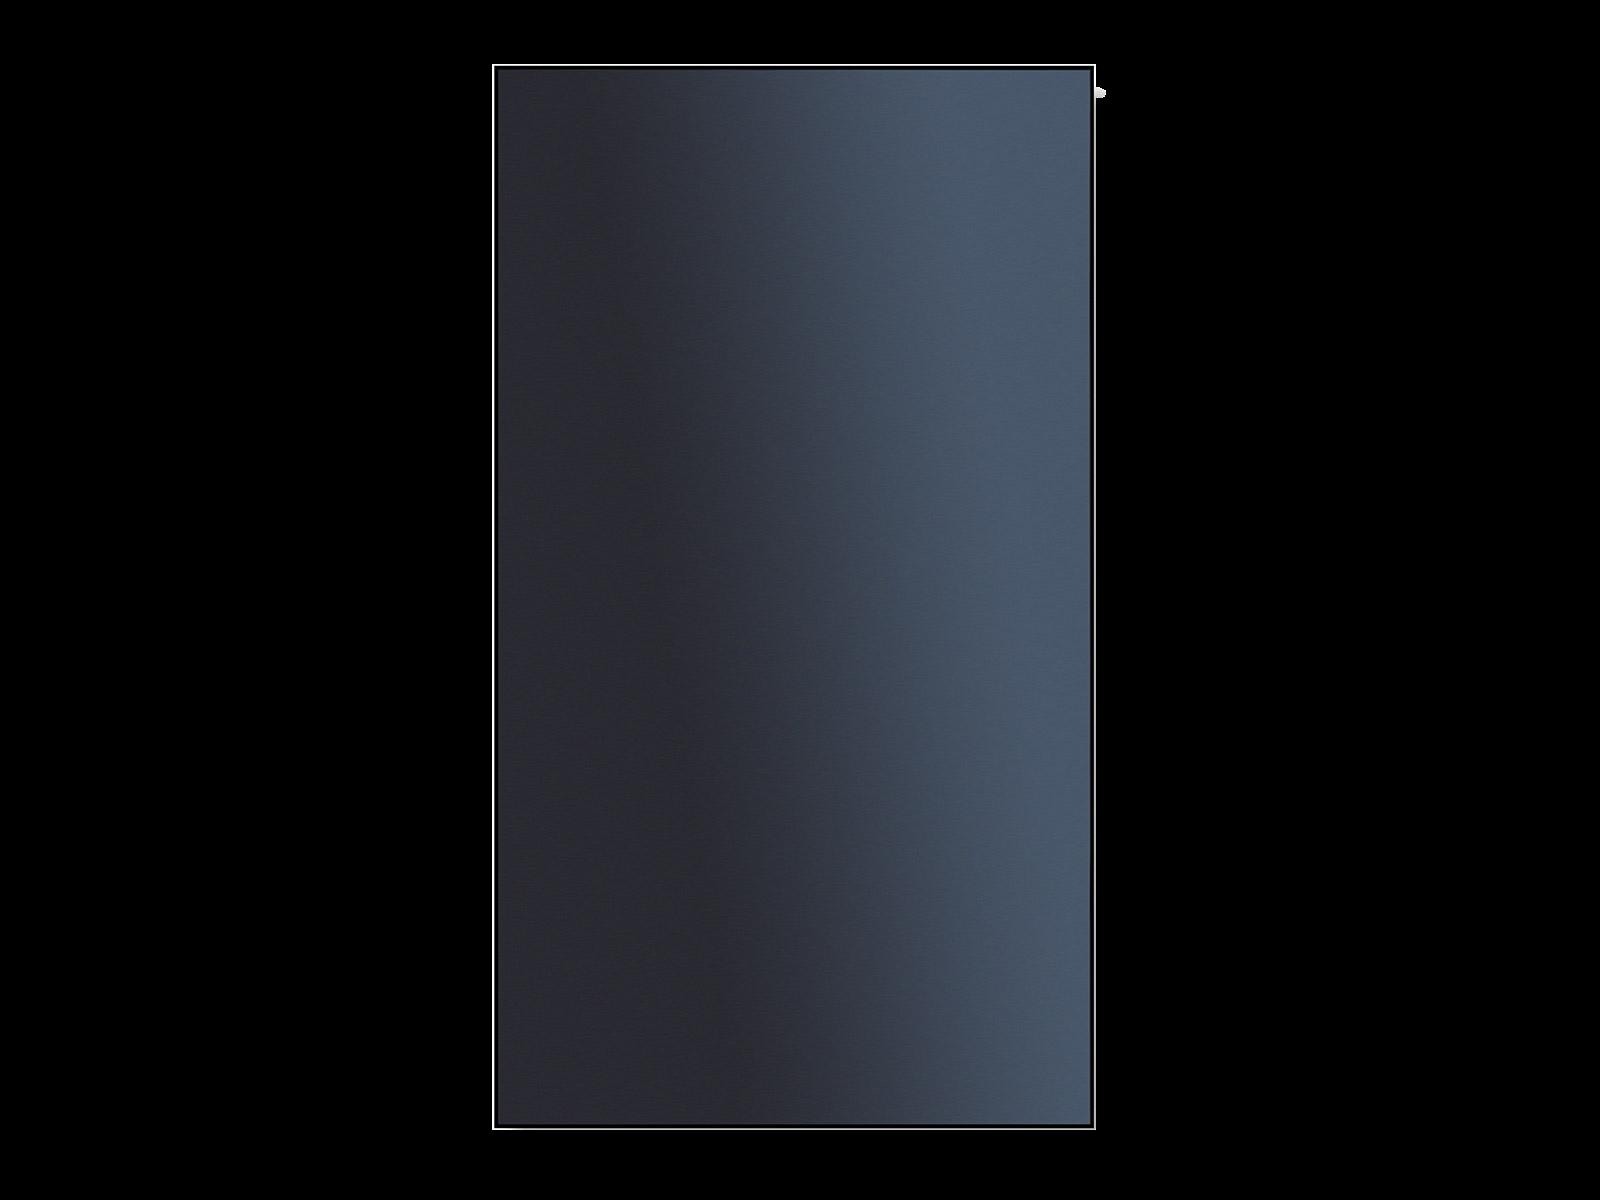 NEC_X555UNV_HO_Port_EU_RGB_300